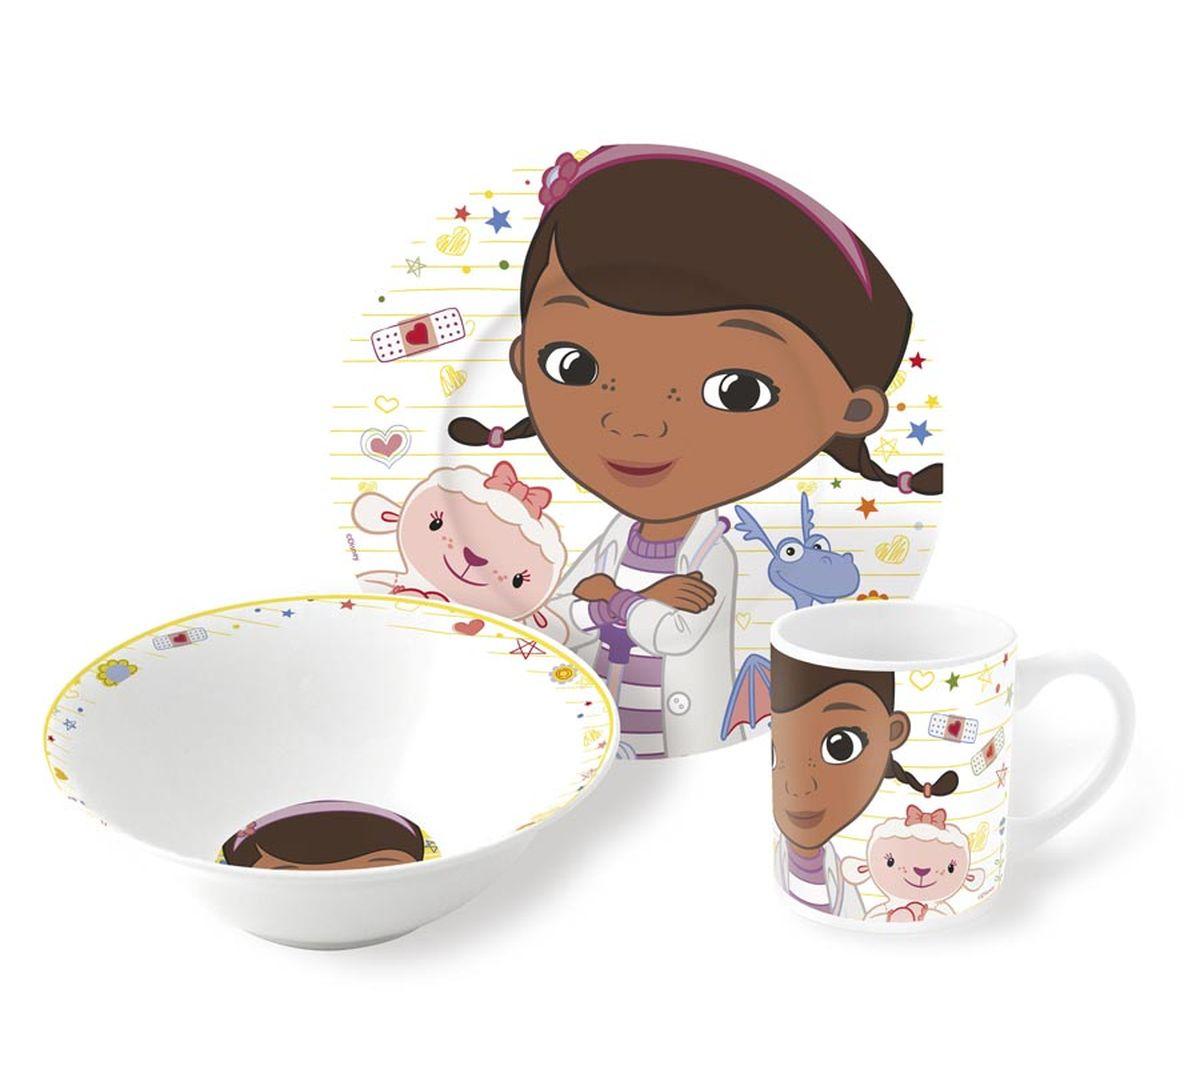 Disney Набор детской посуды Доктор Плюшева 3 предмета78665Набор детской посуды Disney Доктор Плюшева состоит из трех предметов: тарелки, миски и кружки. Изделия выполнены из керамики и оформлены изображениями любимой героини. В наборе есть все необходимое для завтраков, обедов и ужинов. Миска идеальна для супа или каши, а тарелка подойдет абсолютно для любых блюд: горячего или десерта. Яркий красочный дизайн привлечет внимание ребенка и сделает прием пищи веселым занятием. Идеальный по составу набор для всех блюд детям дошкольного возраста.